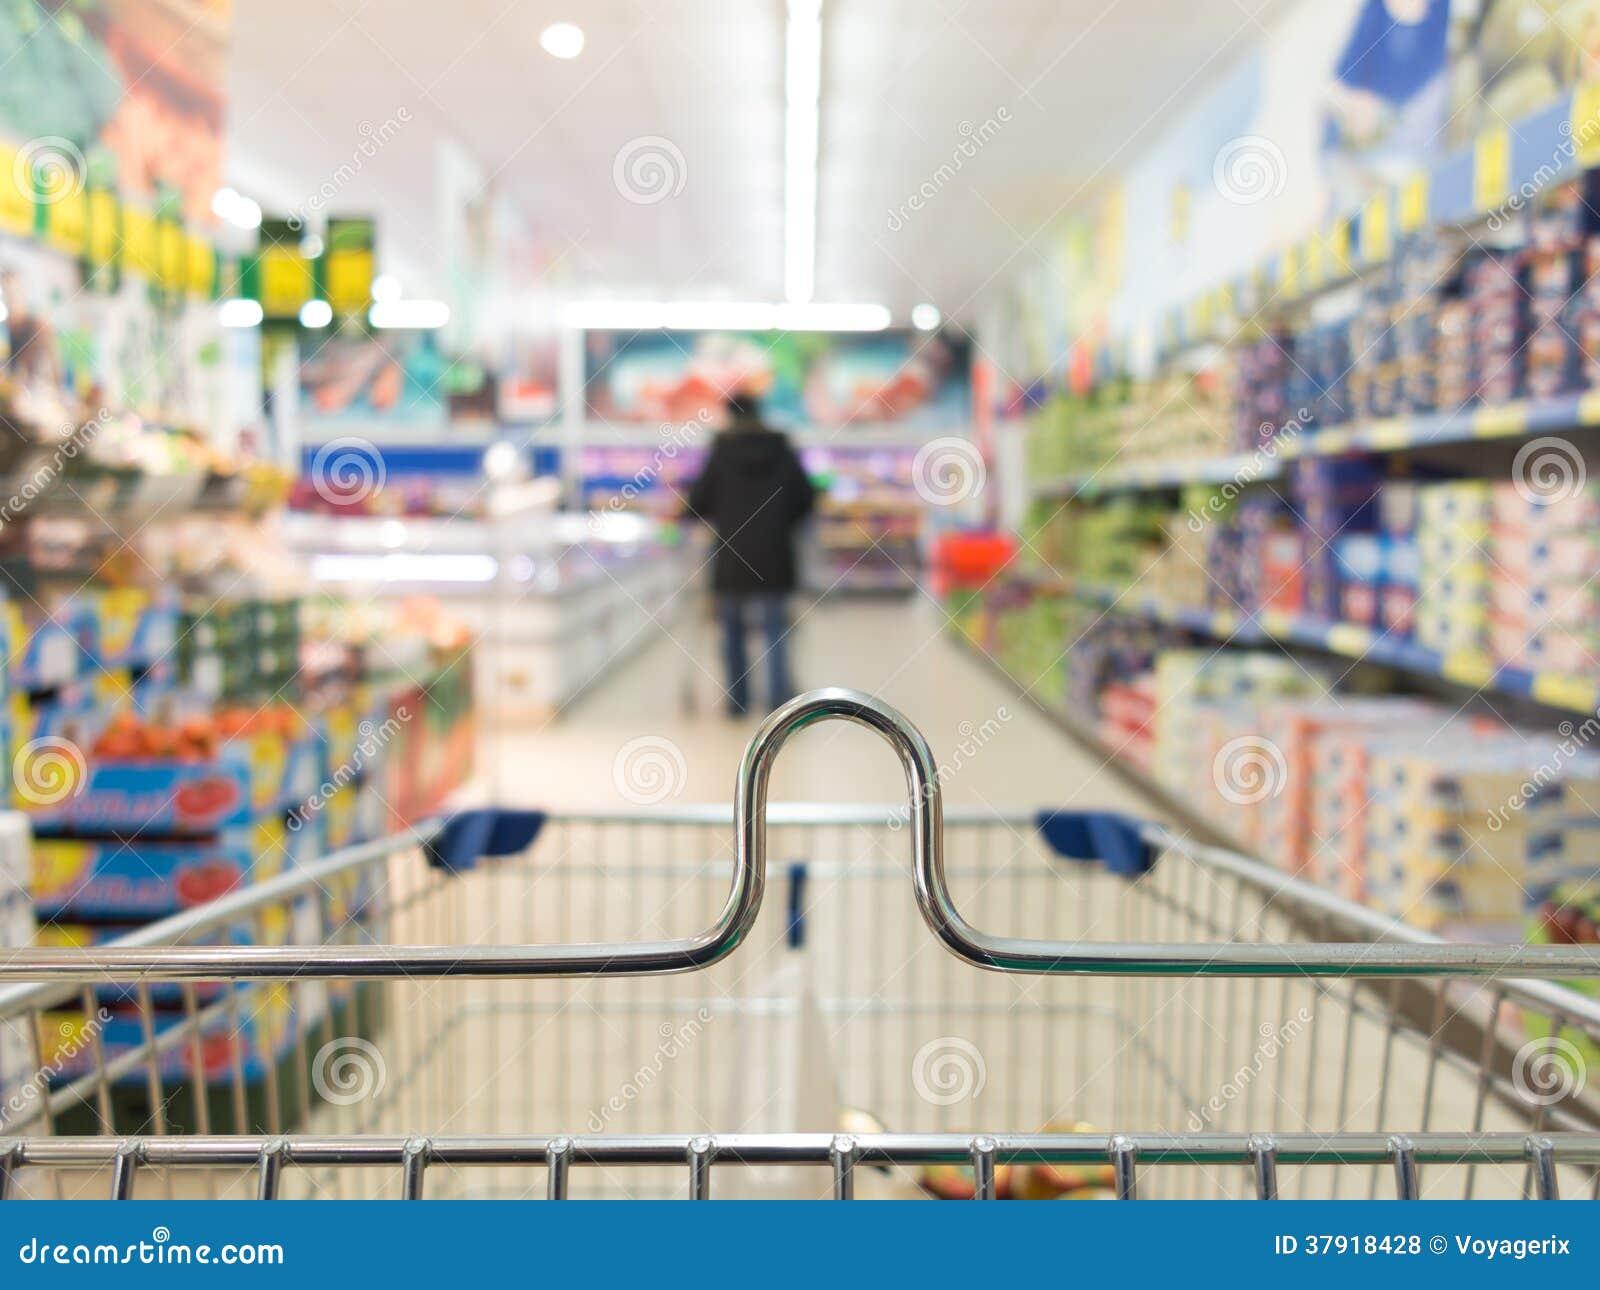 Sikten från spårvagnen för shoppingvagnen på supermarket shoppar. Detaljhandel.